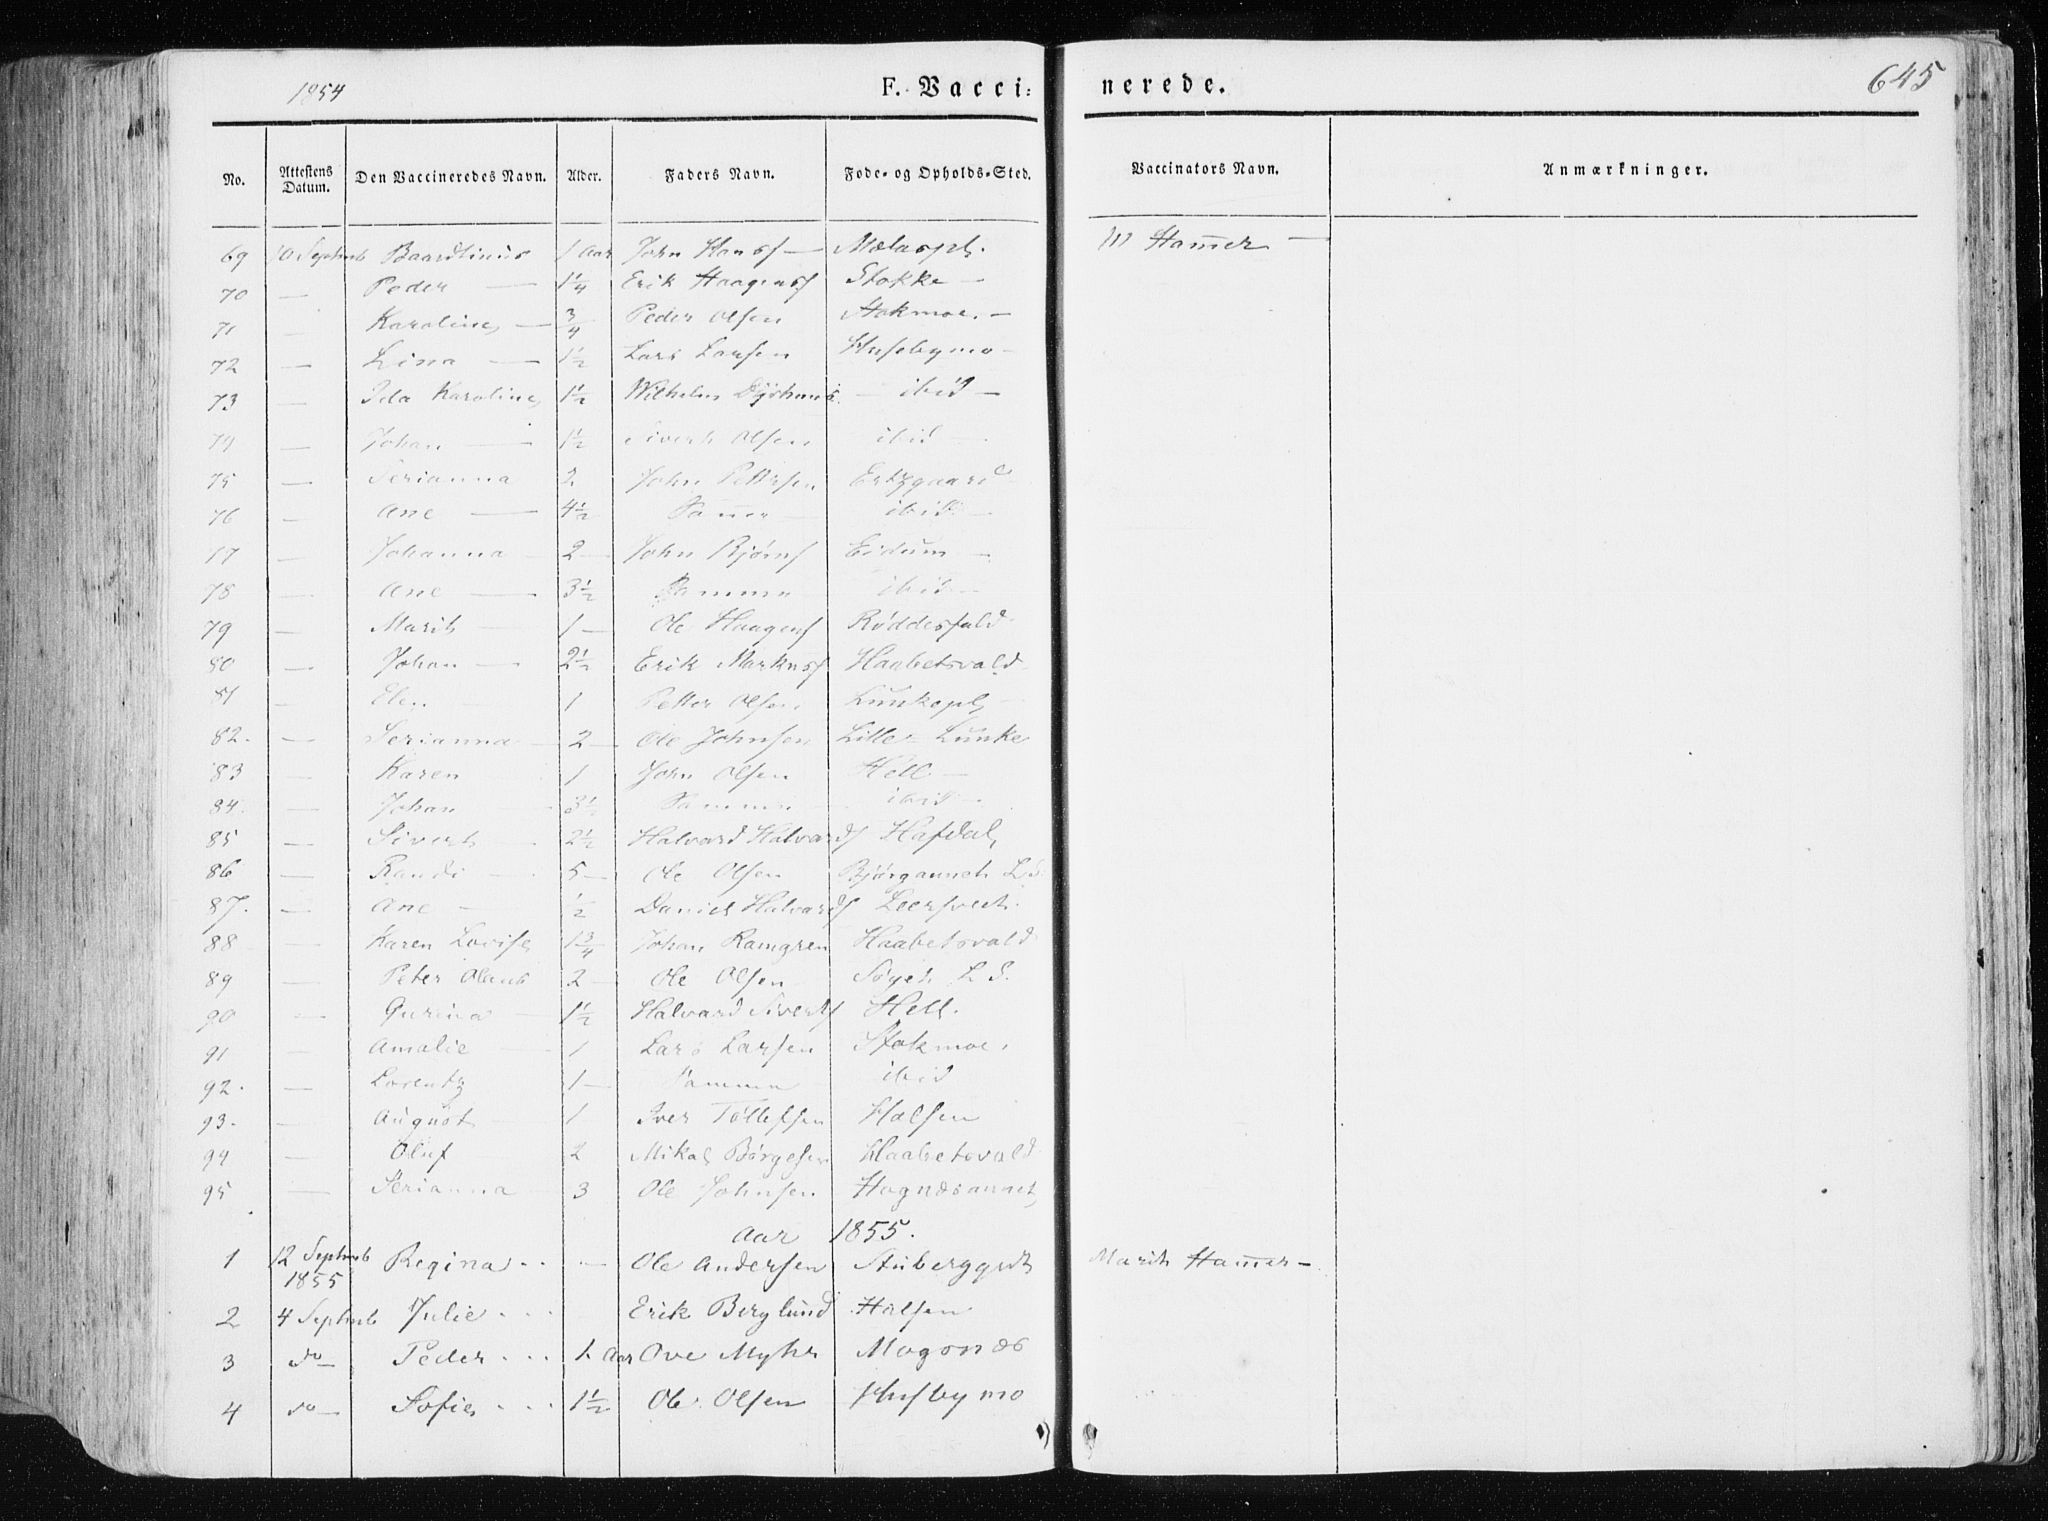 SAT, Ministerialprotokoller, klokkerbøker og fødselsregistre - Nord-Trøndelag, 709/L0074: Ministerialbok nr. 709A14, 1845-1858, s. 645